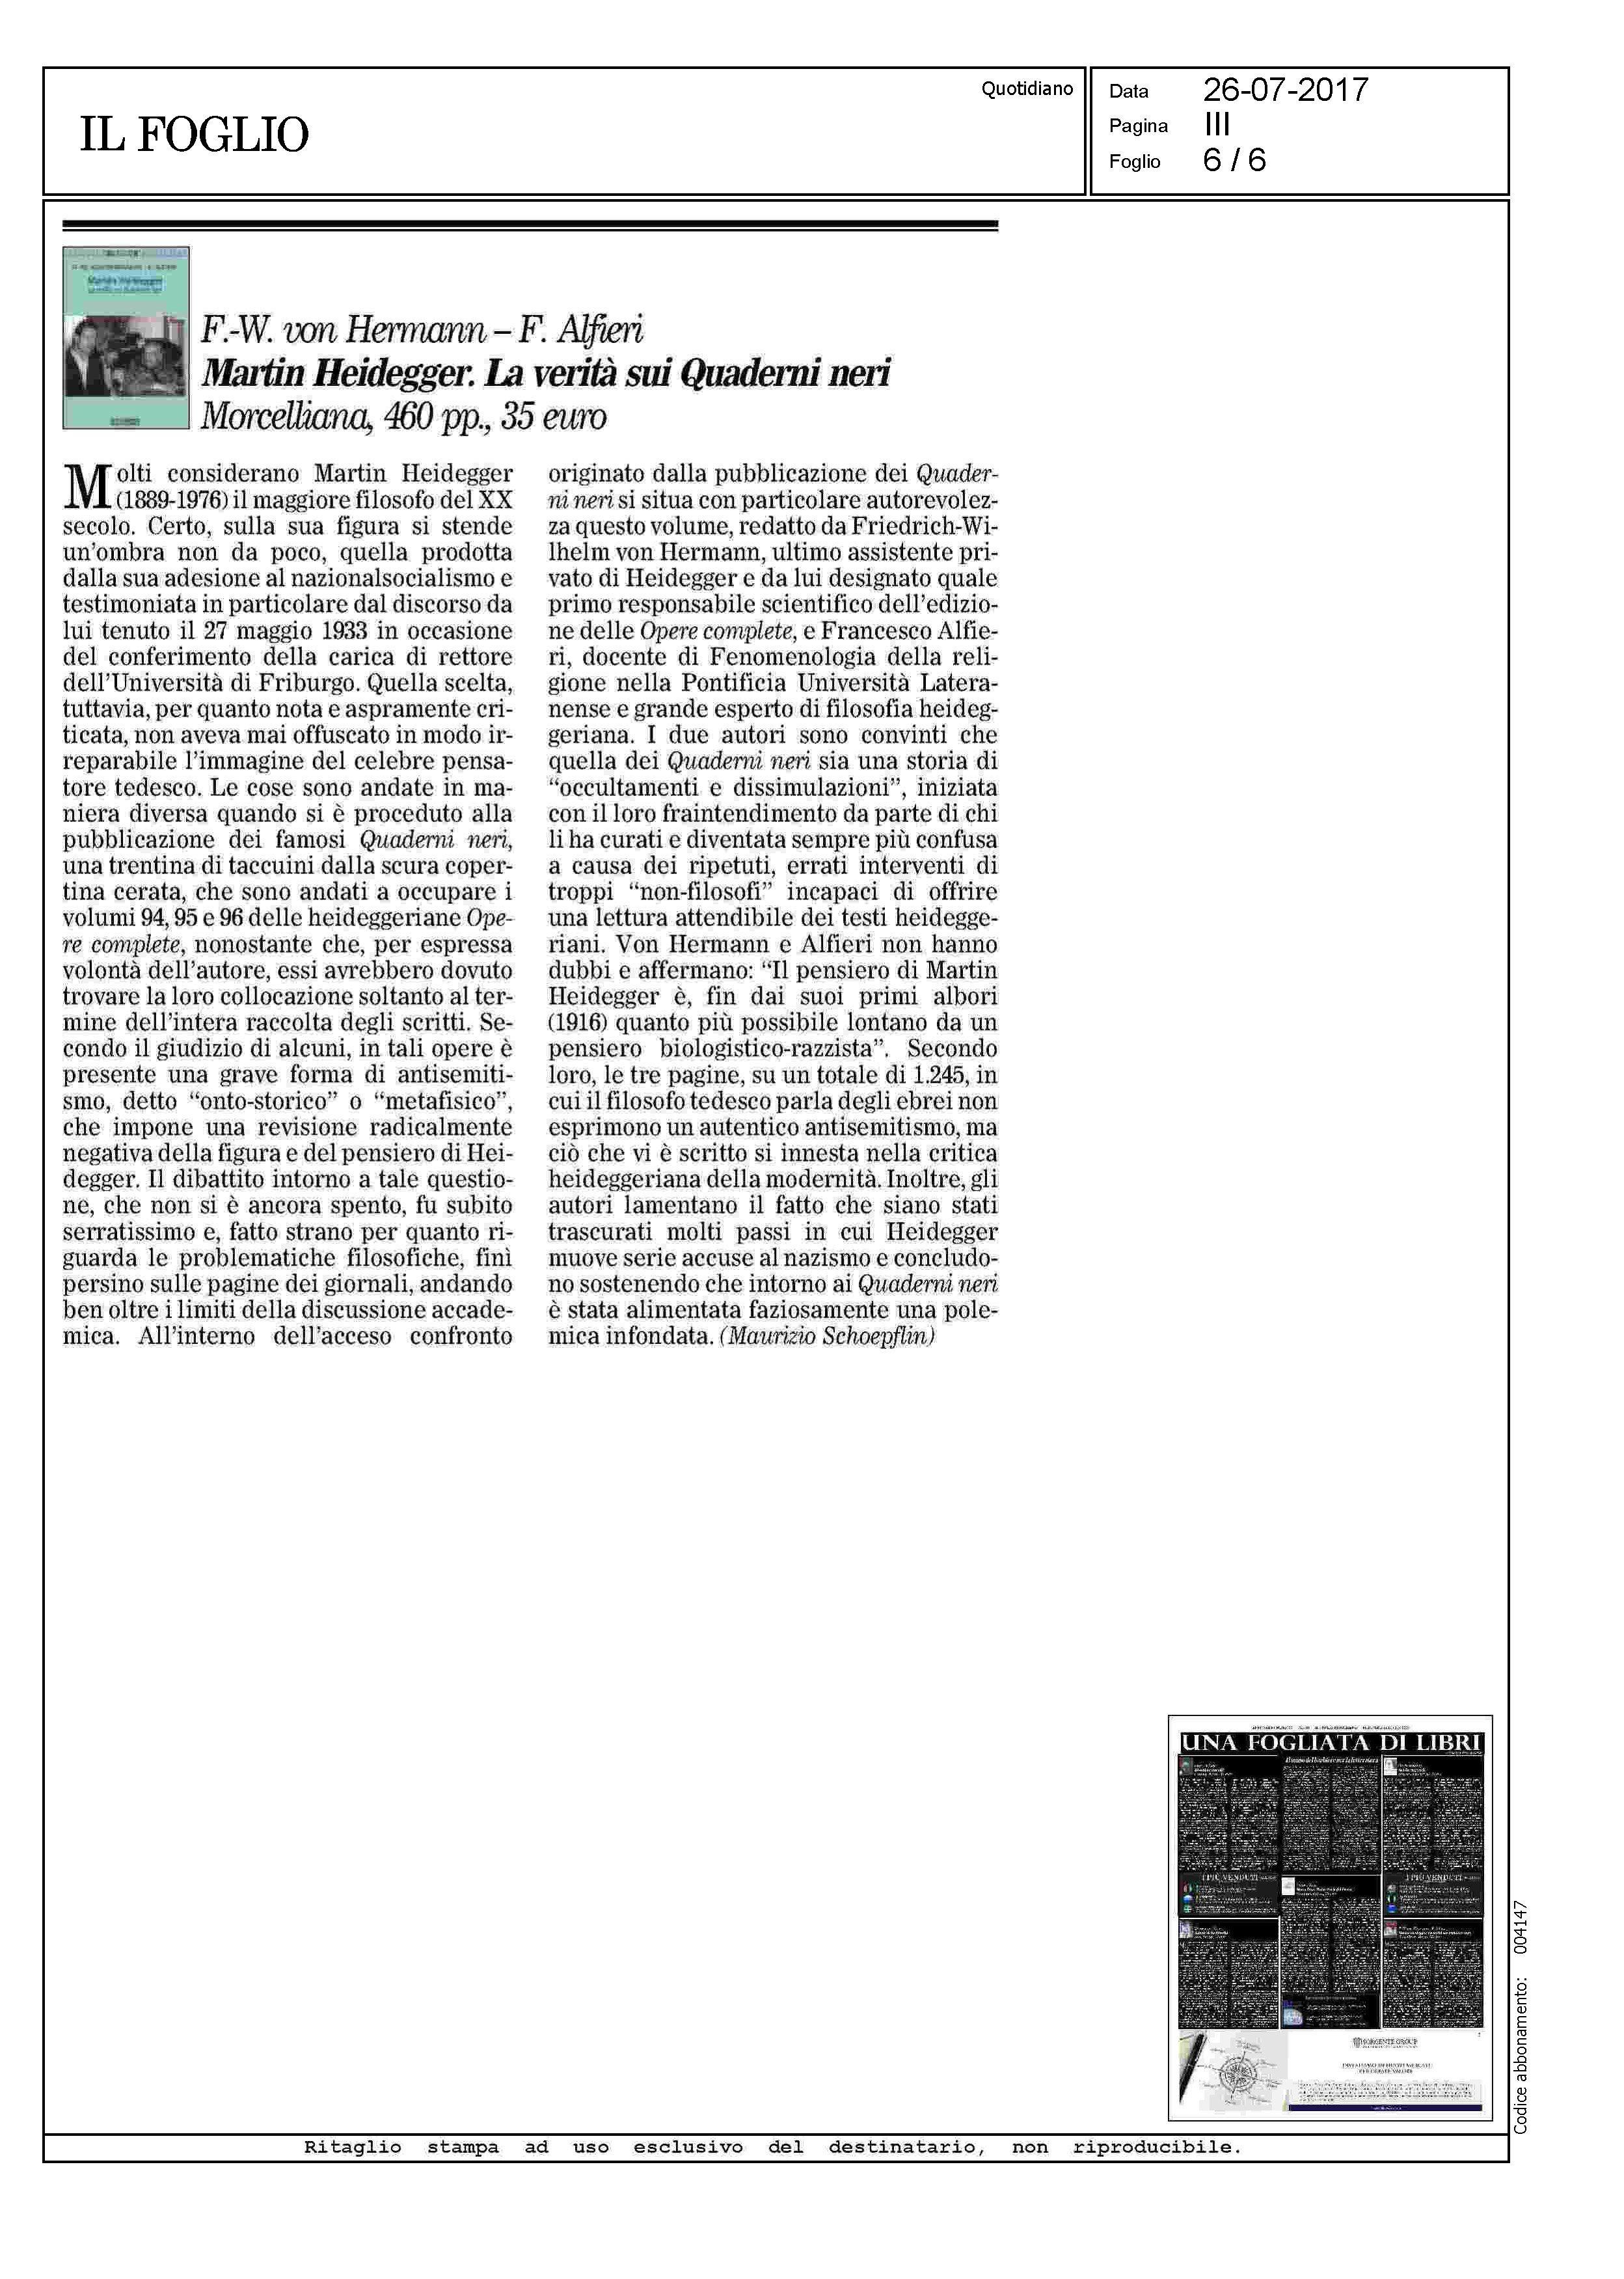 Morc Il Foglio 26 7 2017 Quaderni neri.j